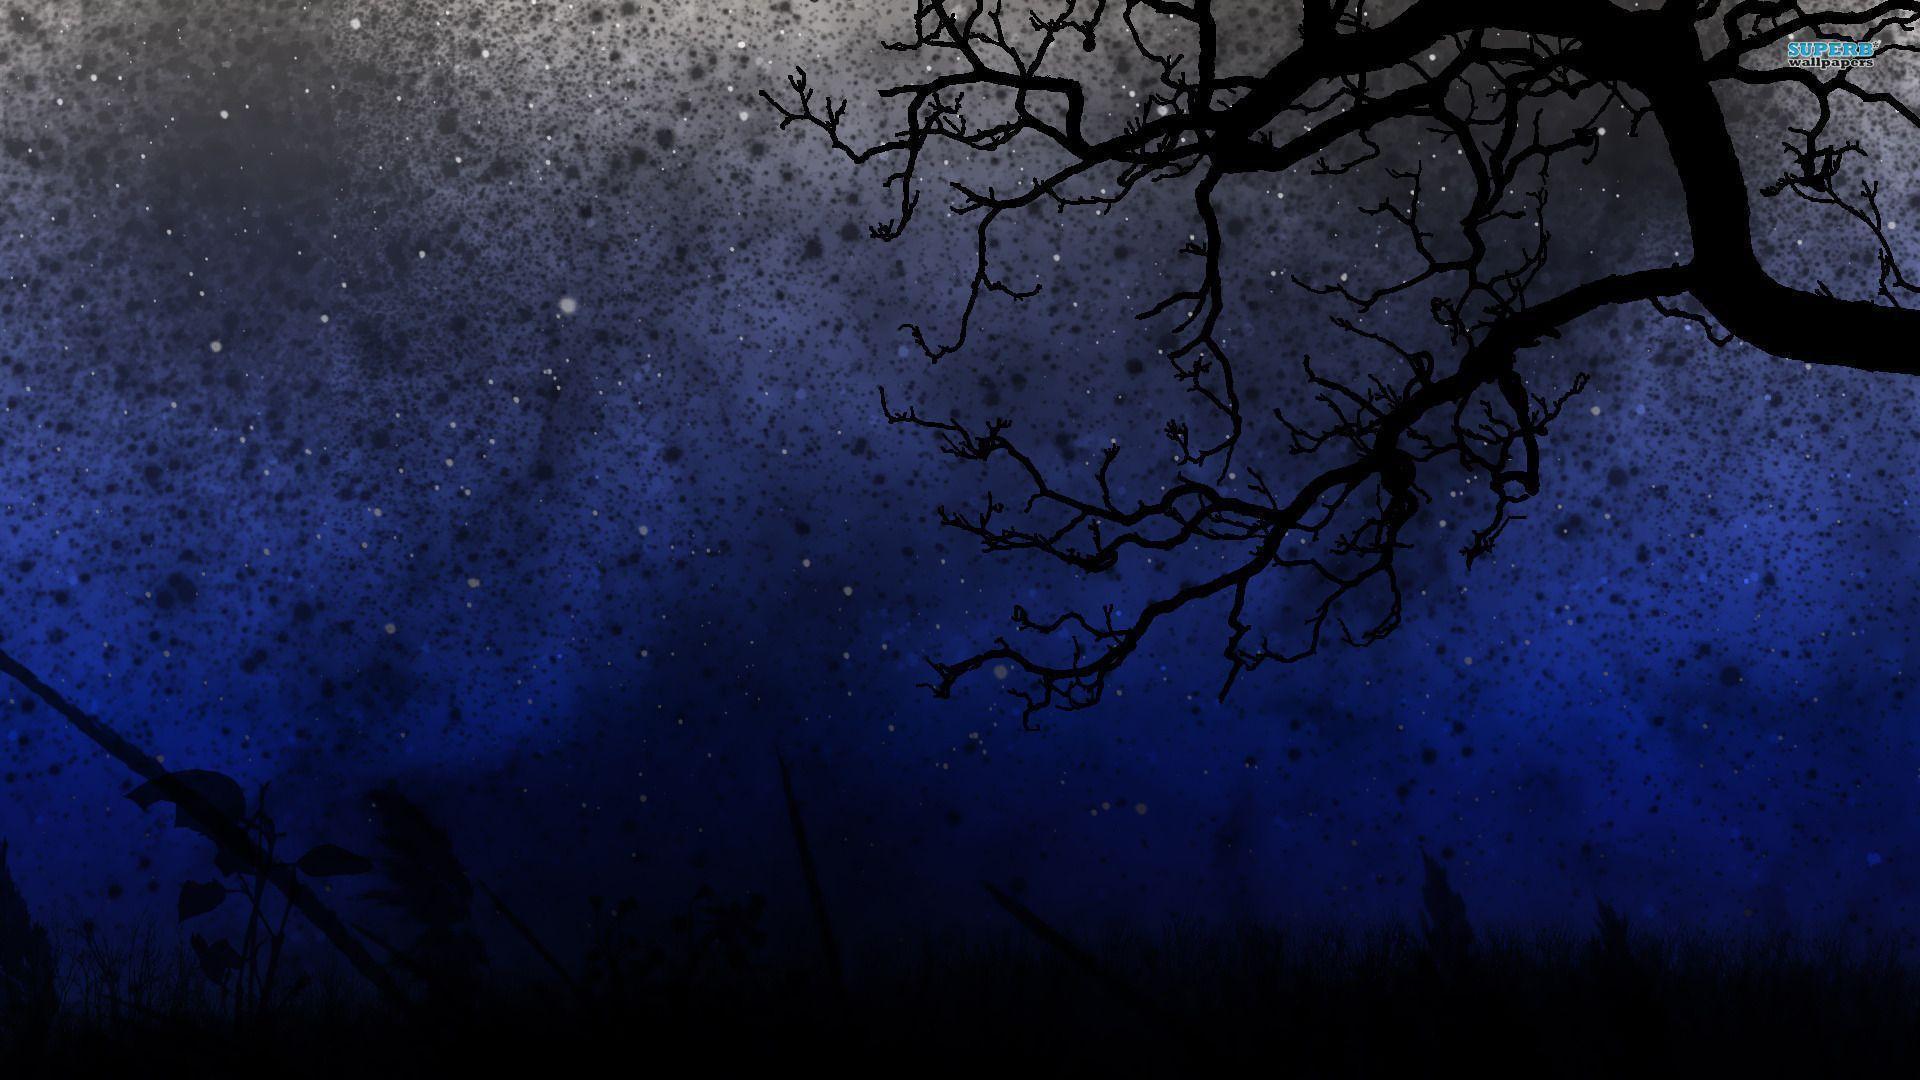 Starry Night Desktop Wallpapers - Wallpaper Cave